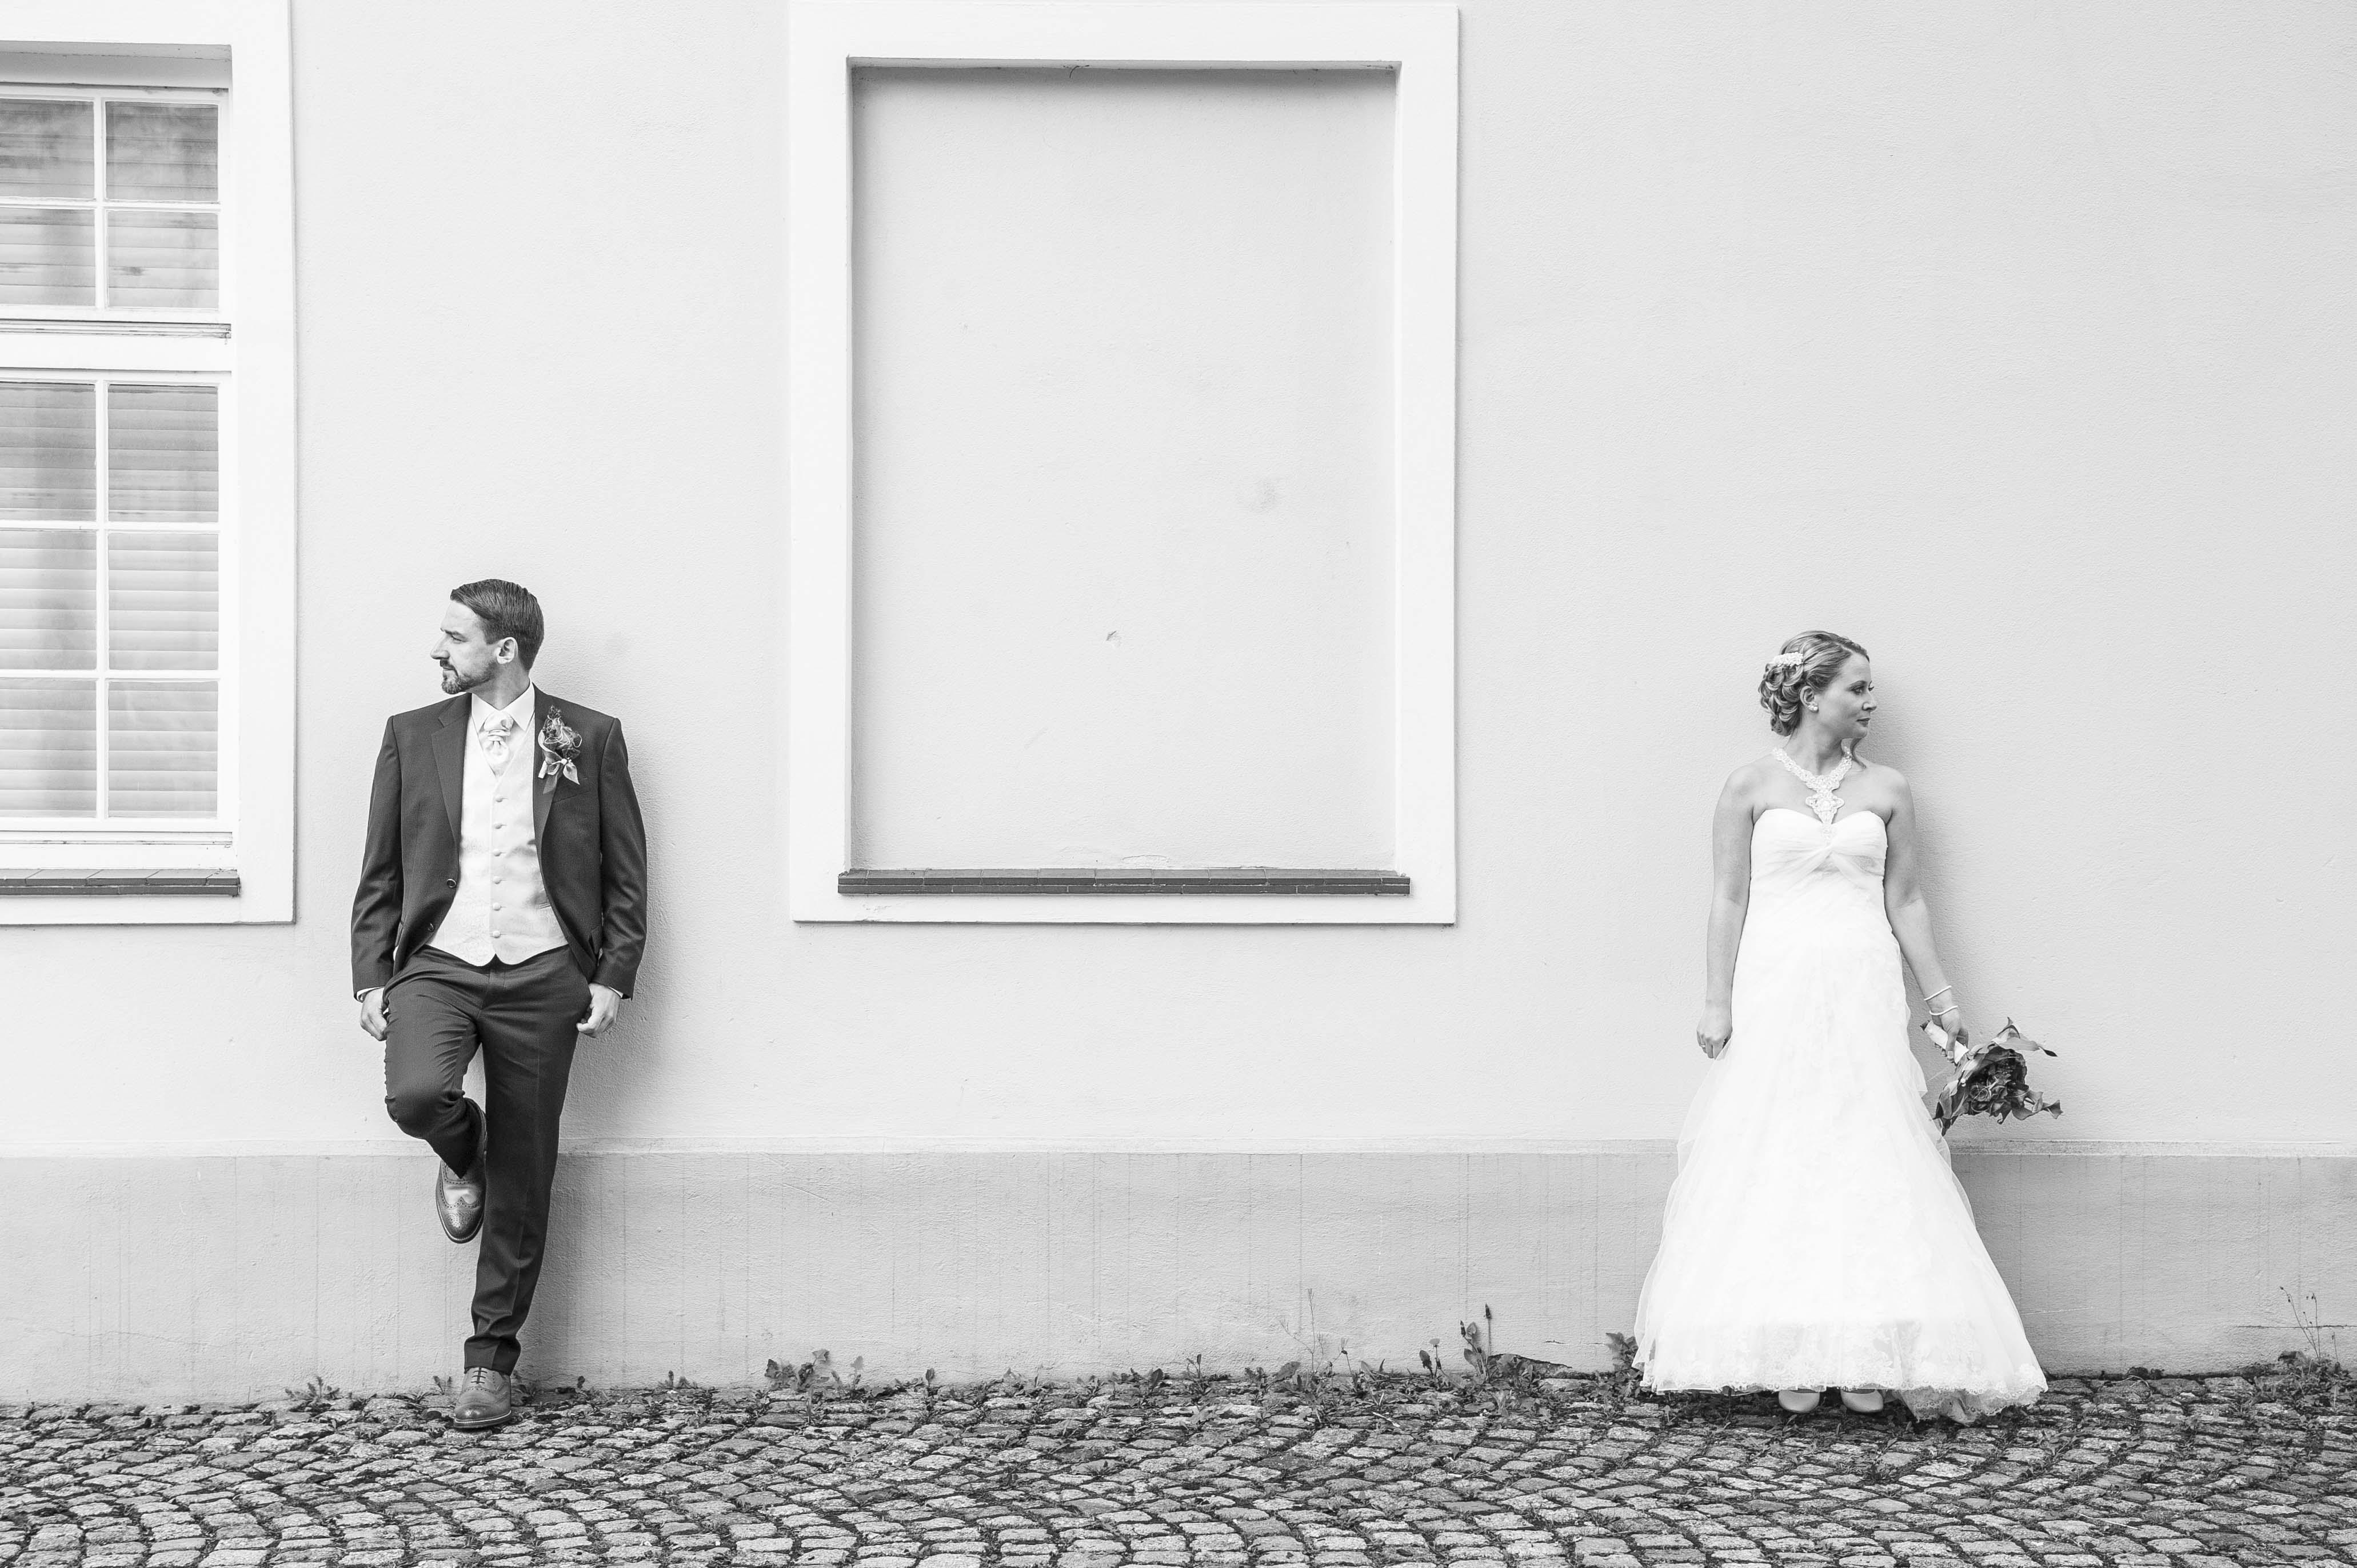 Hochzeit, Hochzeitsfoto, Paaraufnahmen, Foto, Fotograf, Hochzeitsfotograf